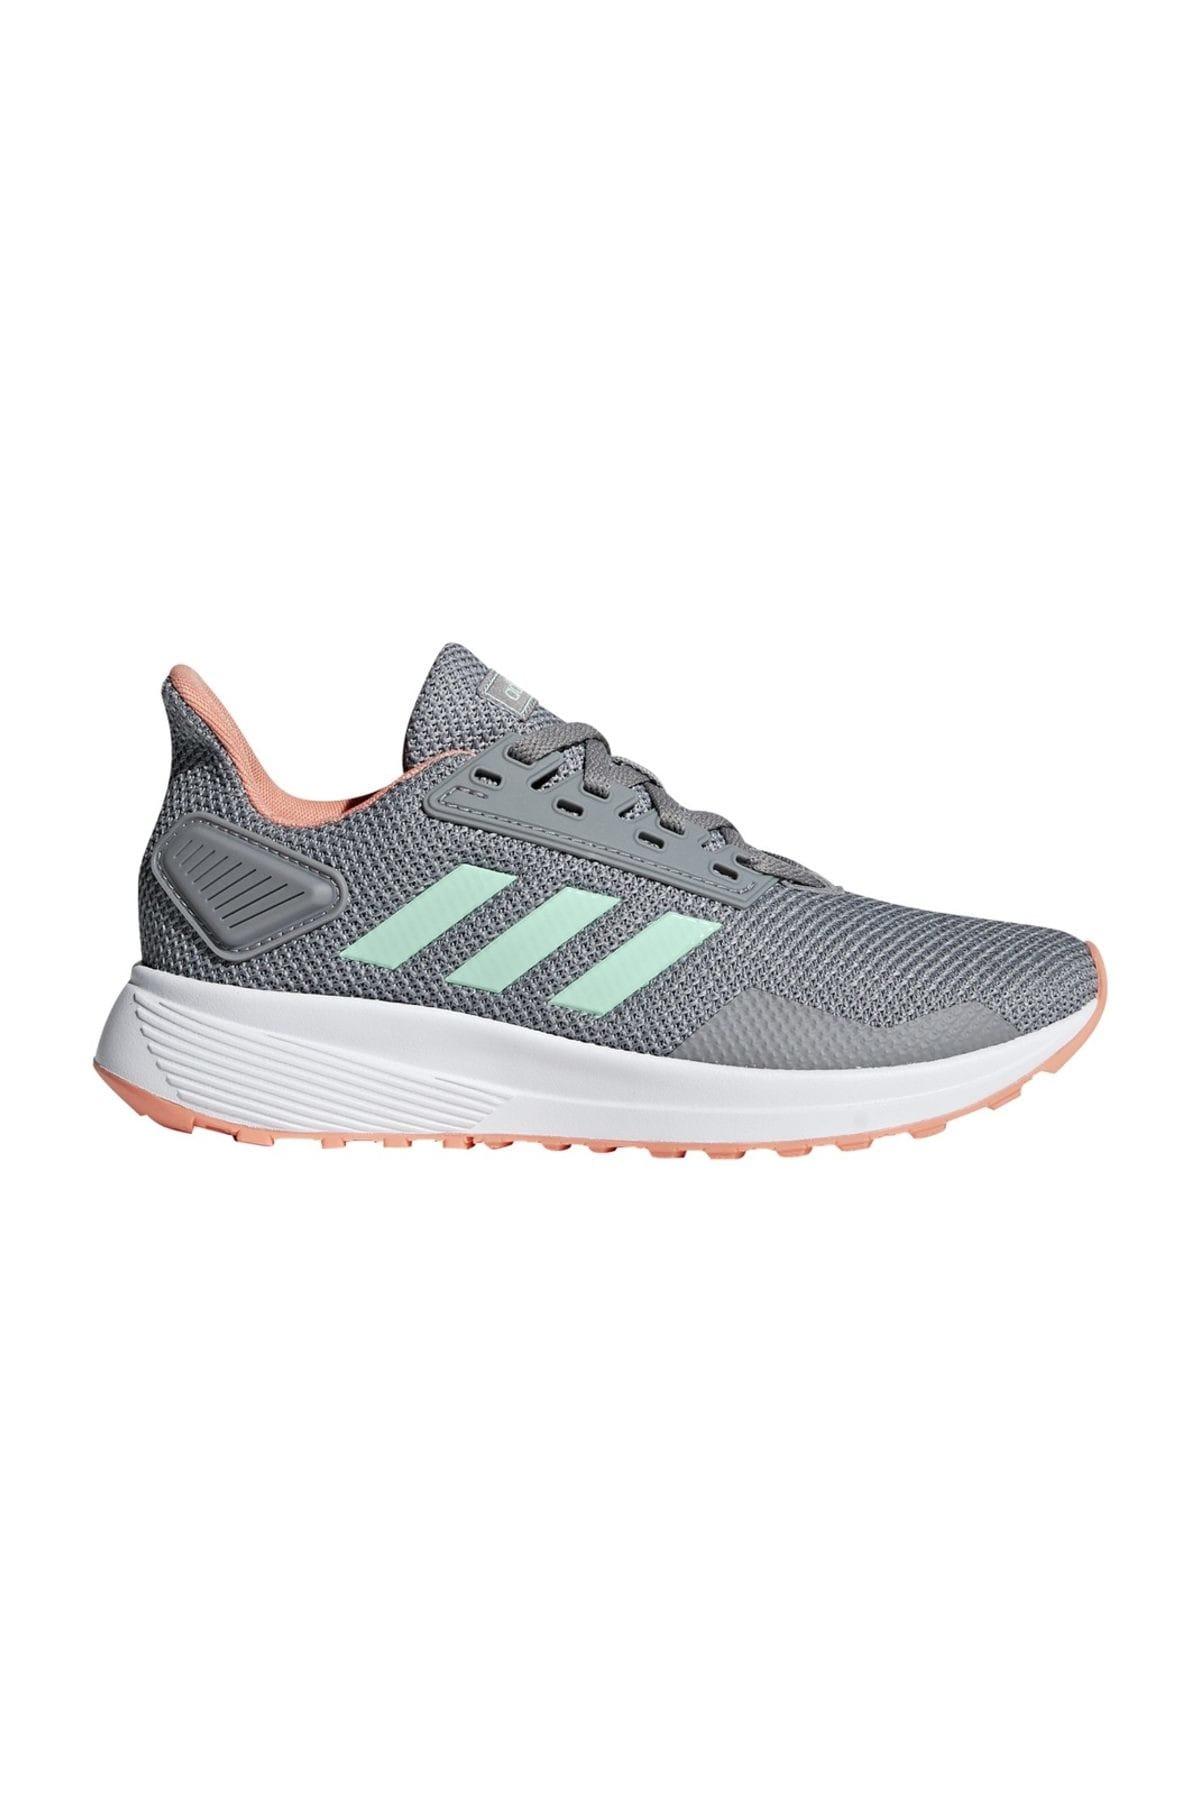 adidas Duramo 9 K Gri Koşu Ayakkabısı 100350569 2